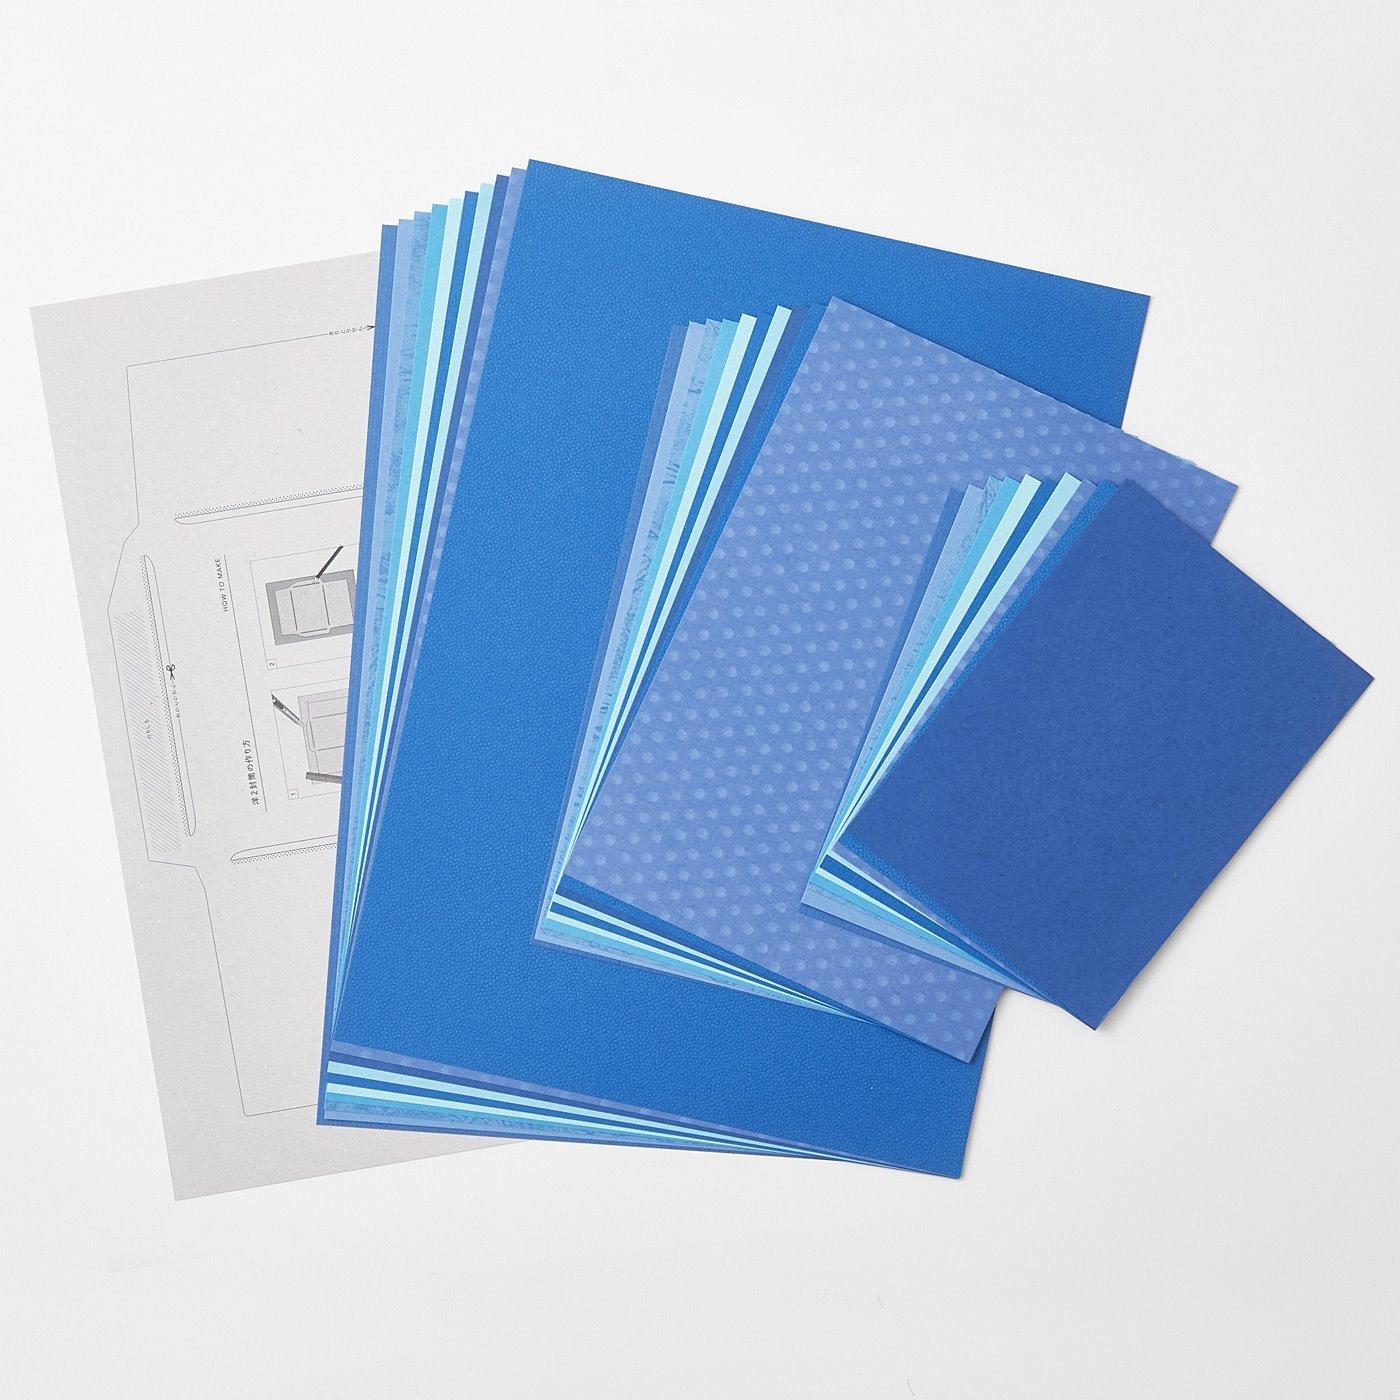 OSYAIRO 紙の専門商社竹尾が選ぶ 色を楽しむ紙セットの会〈青〉